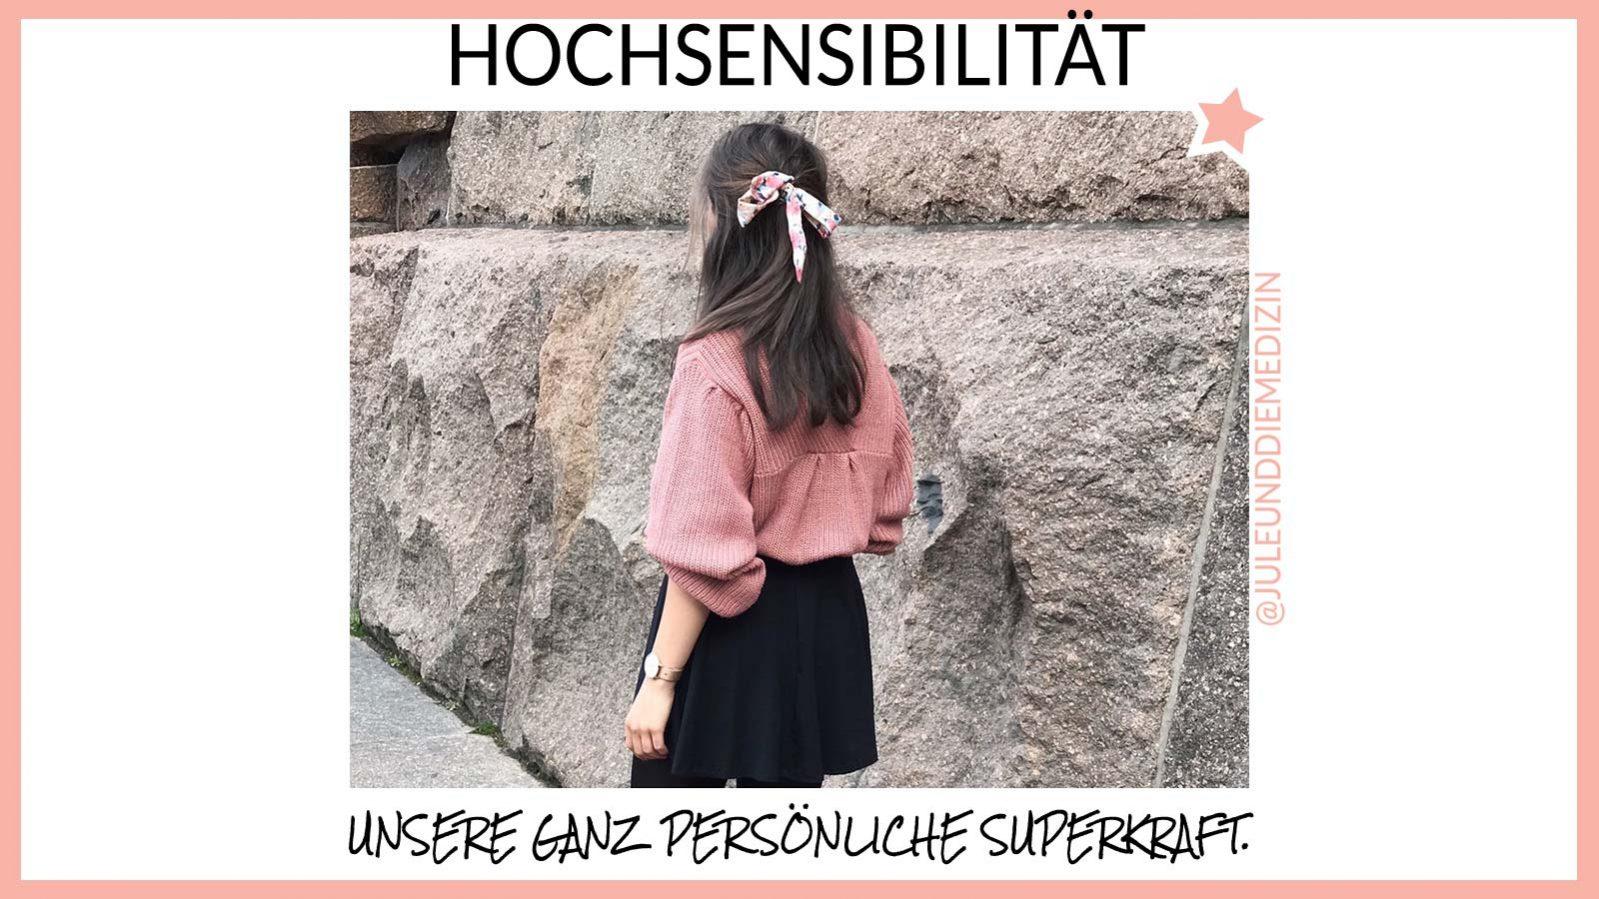 """Photo of Hochsensibilität: """"Eine Charaktereigenschaft, die uns besonders macht."""""""